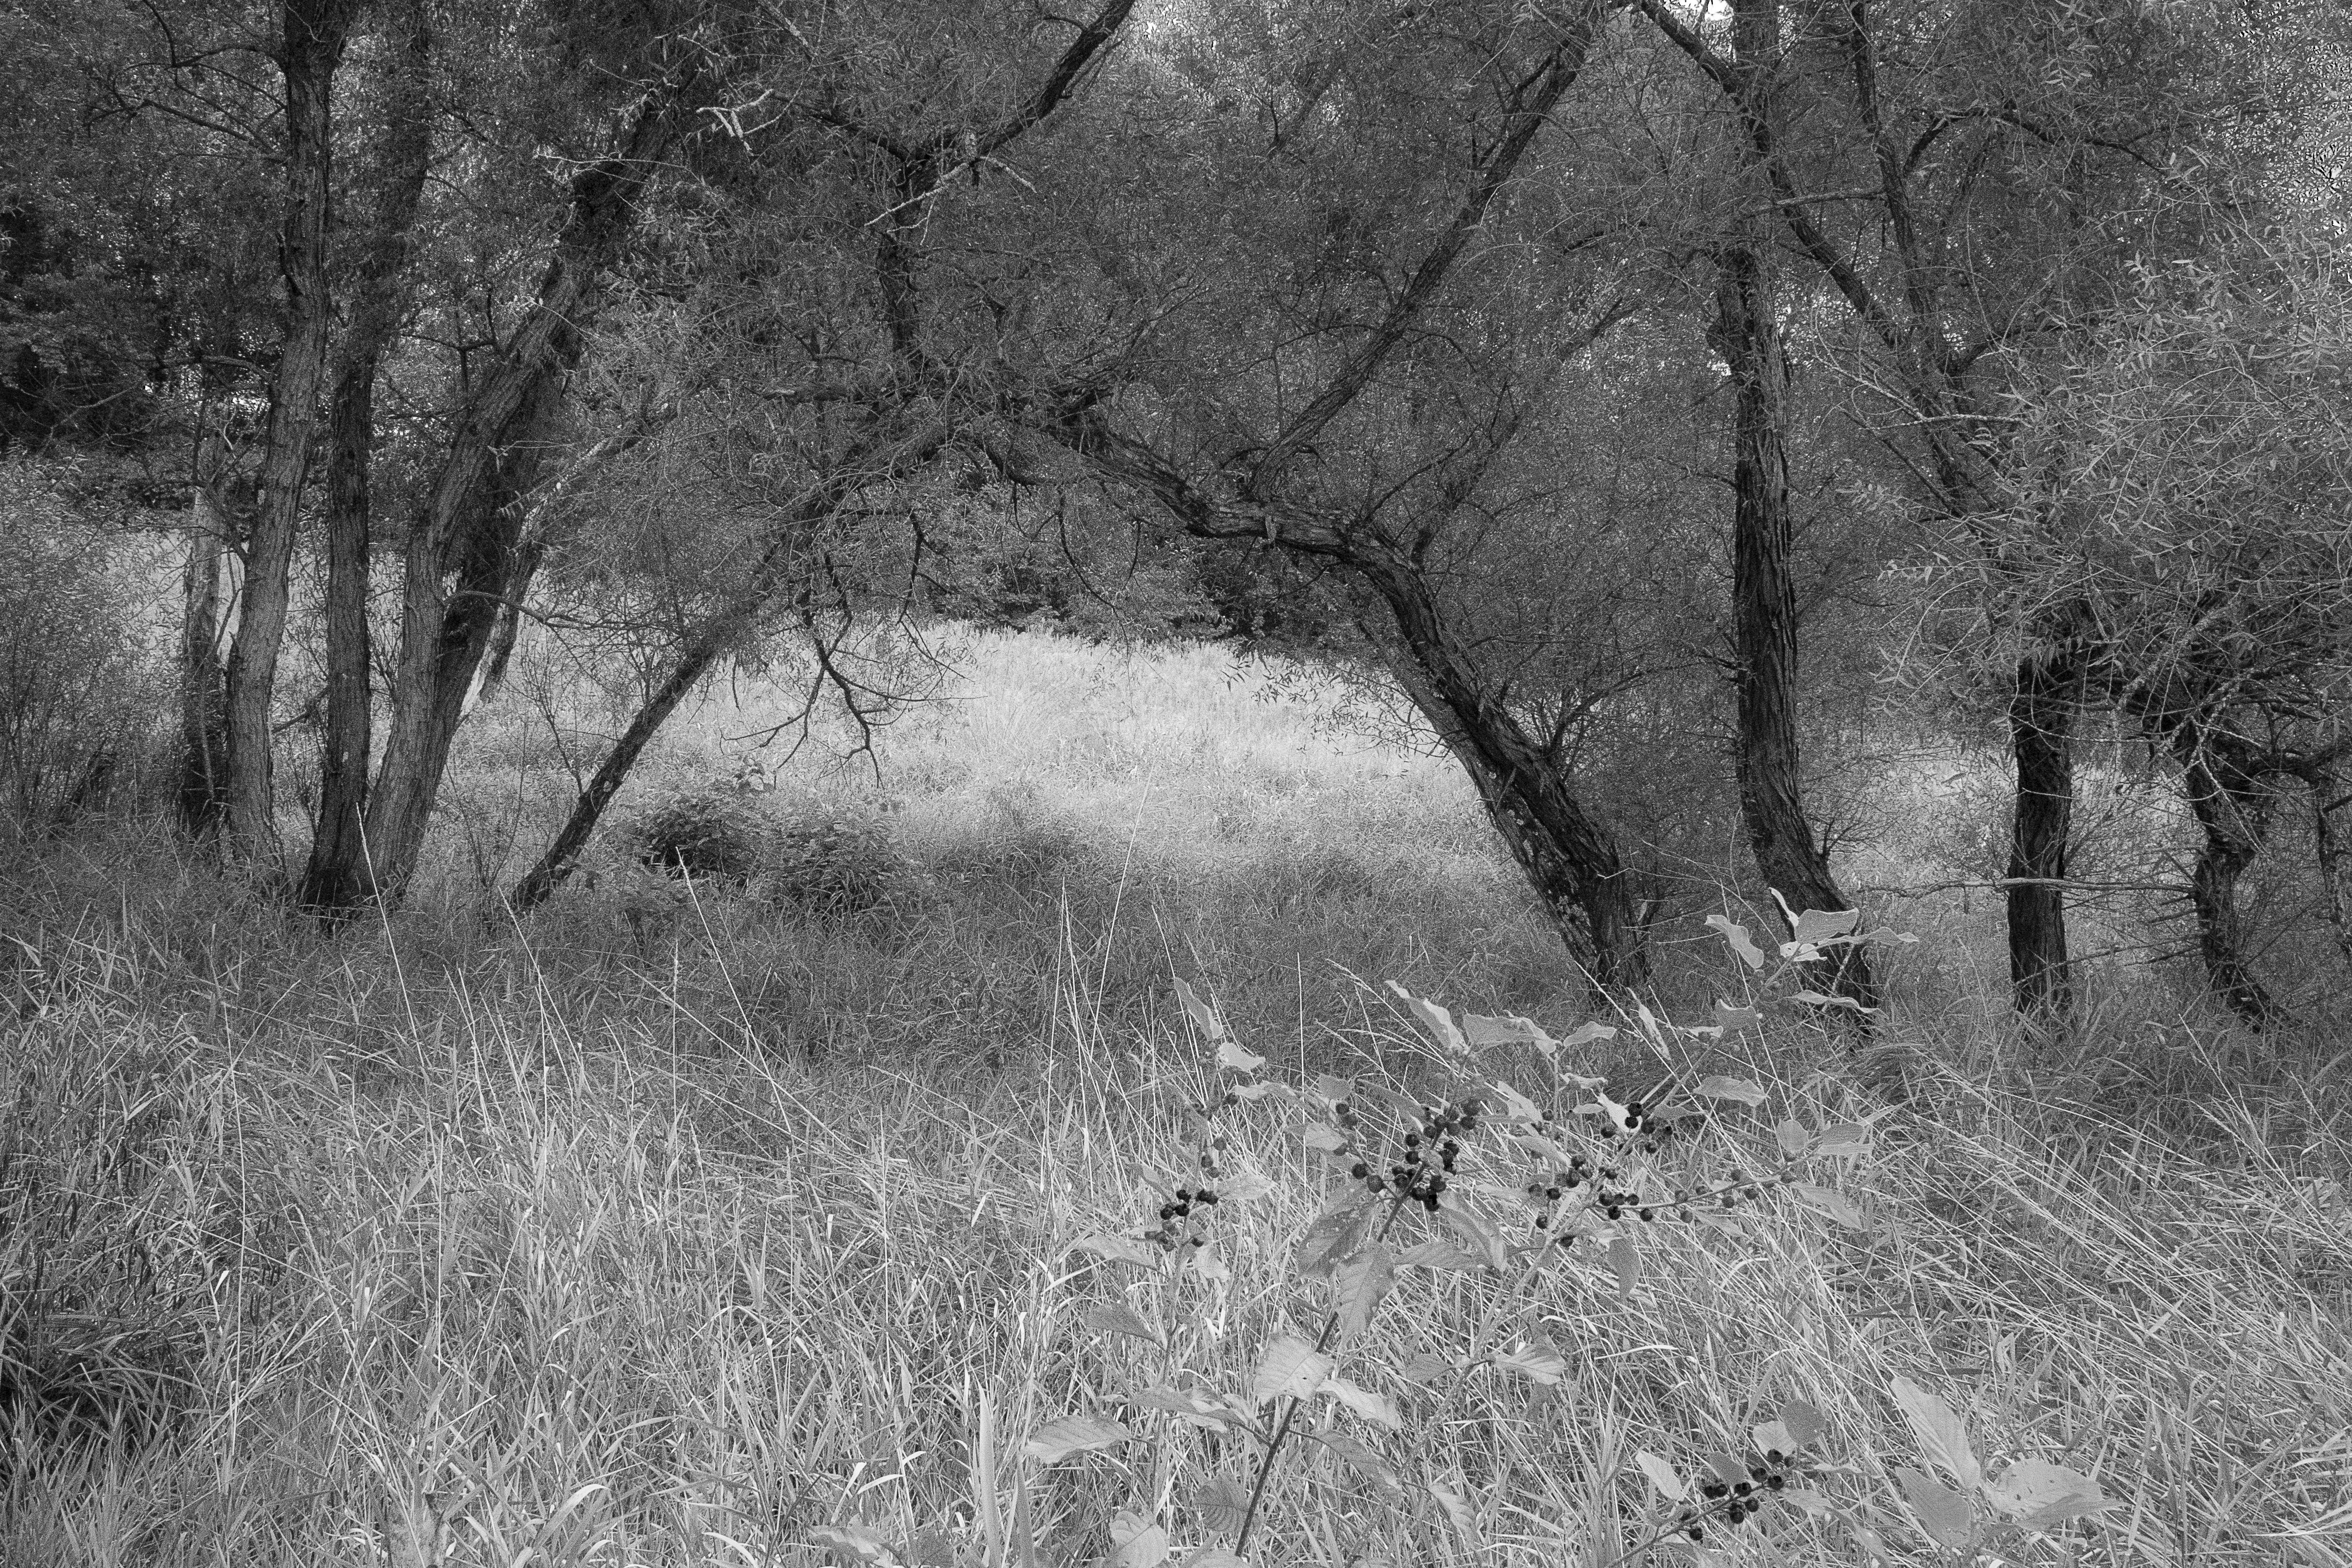 Through The Trees B&W